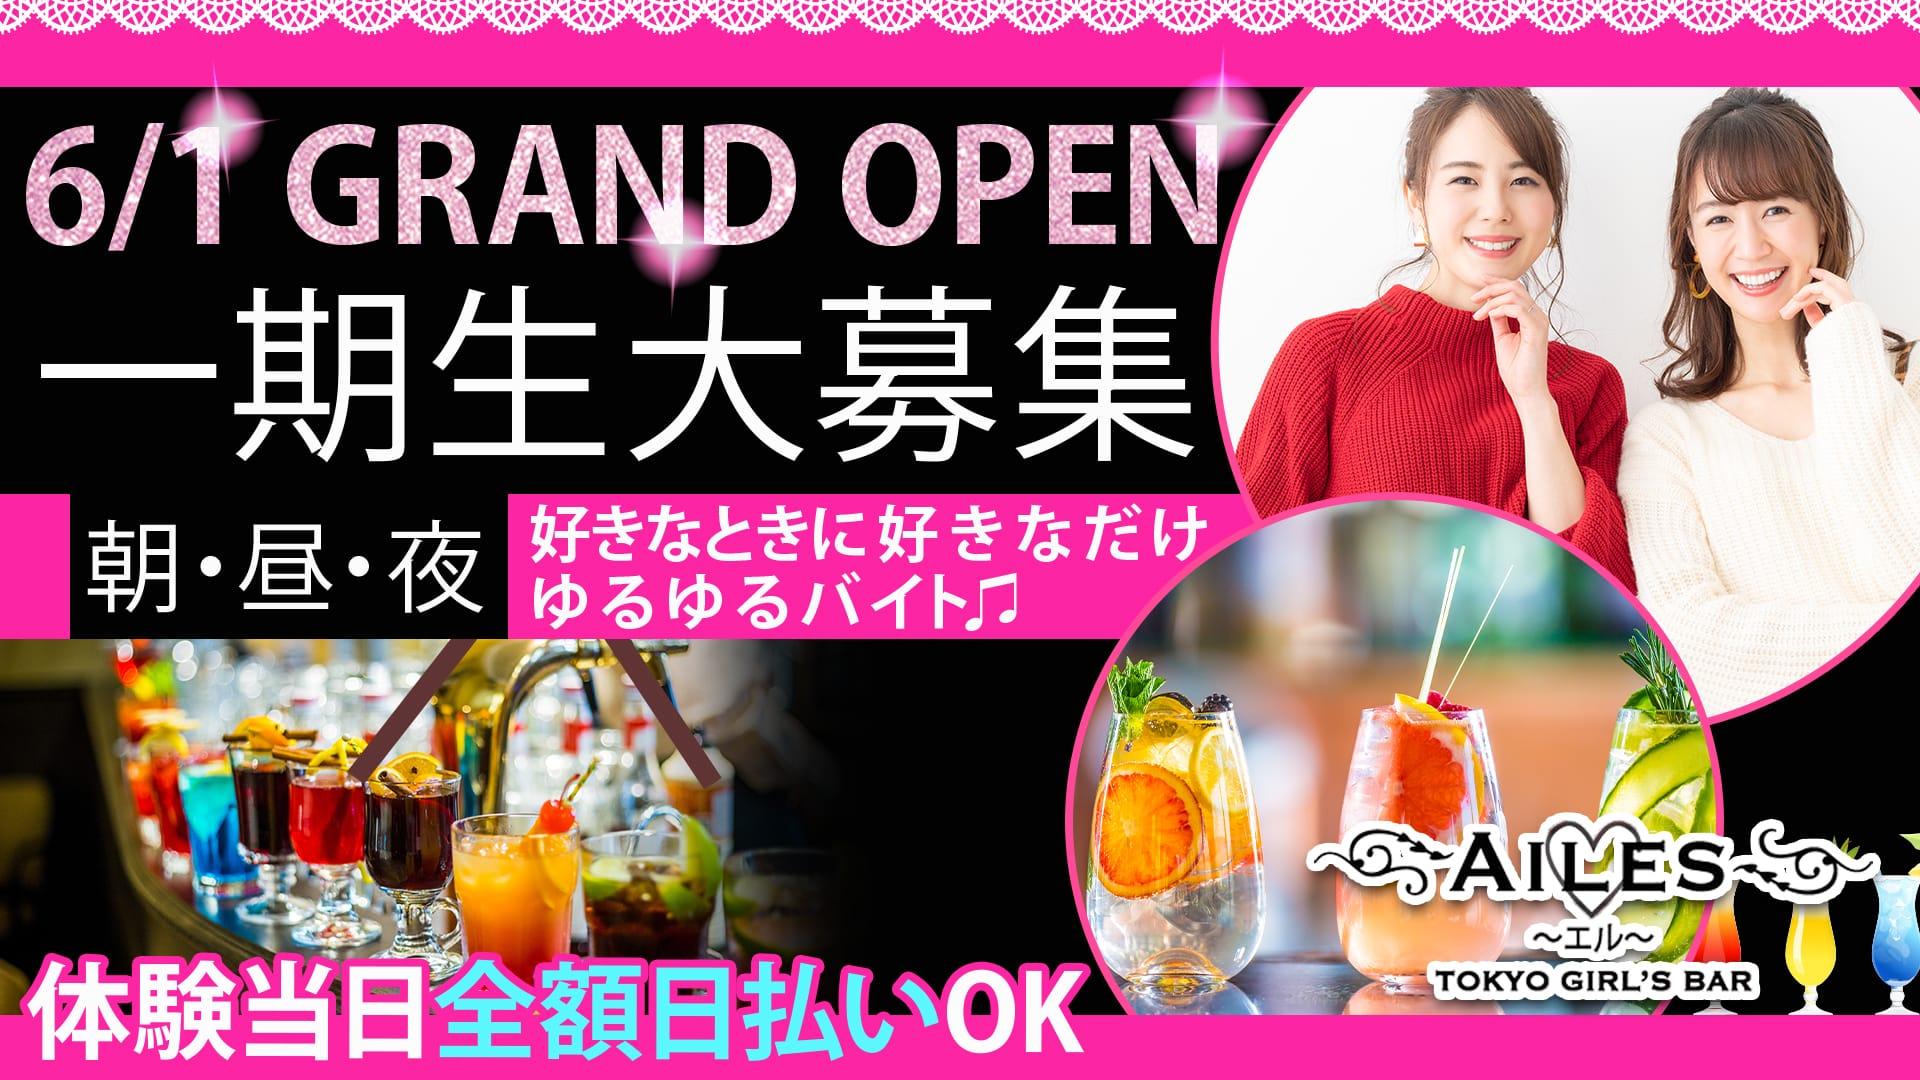 【24時間営業】Girls Bar AILES(ガールズバー エル) 錦糸町ガールズバー TOP画像